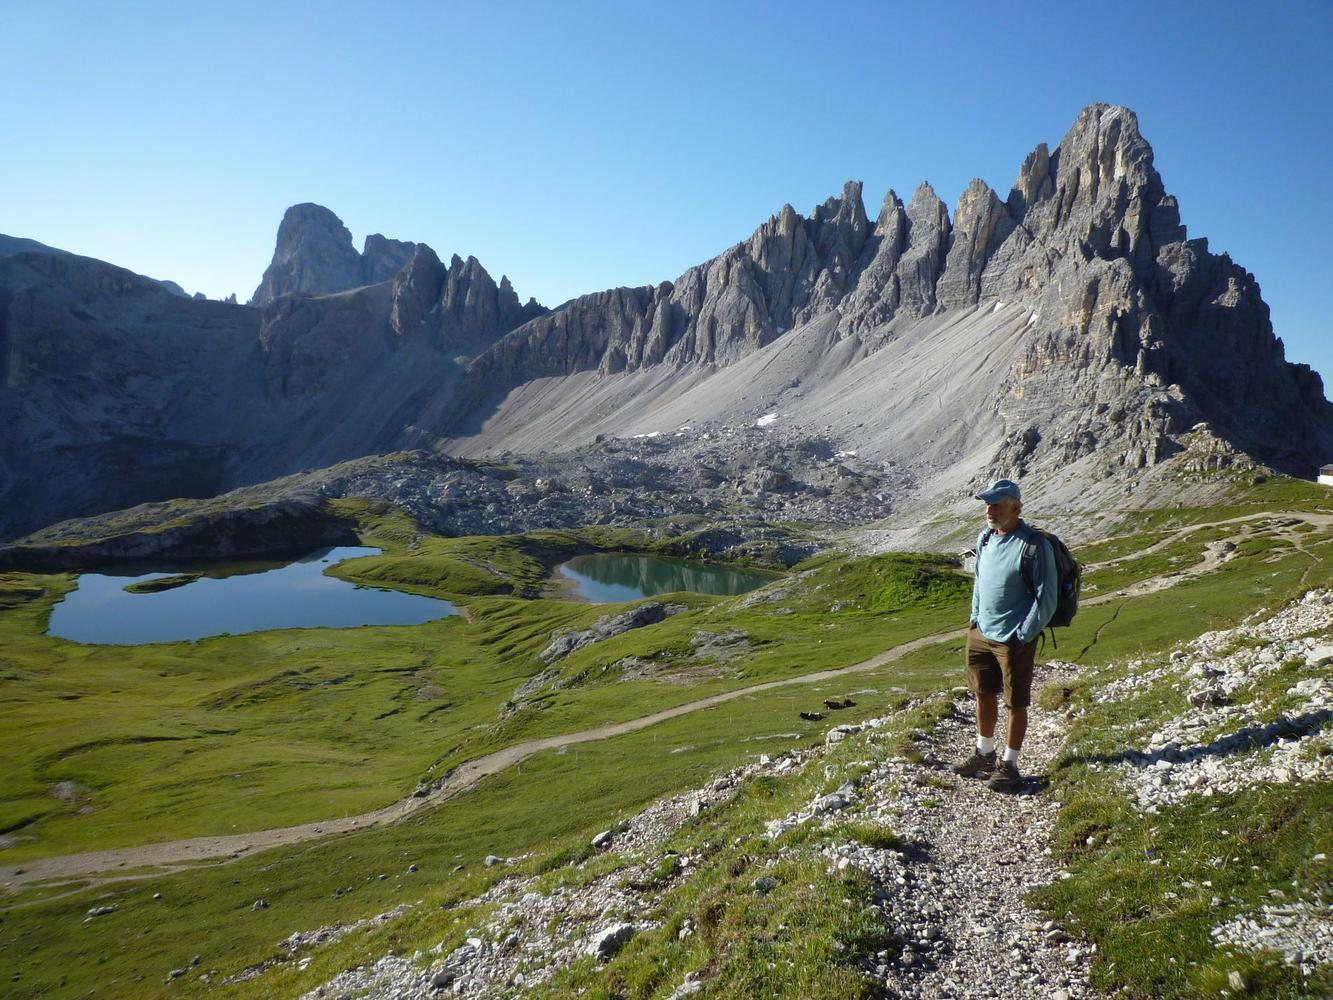 Lacs et monte Paterno - Aurélie Mansiot